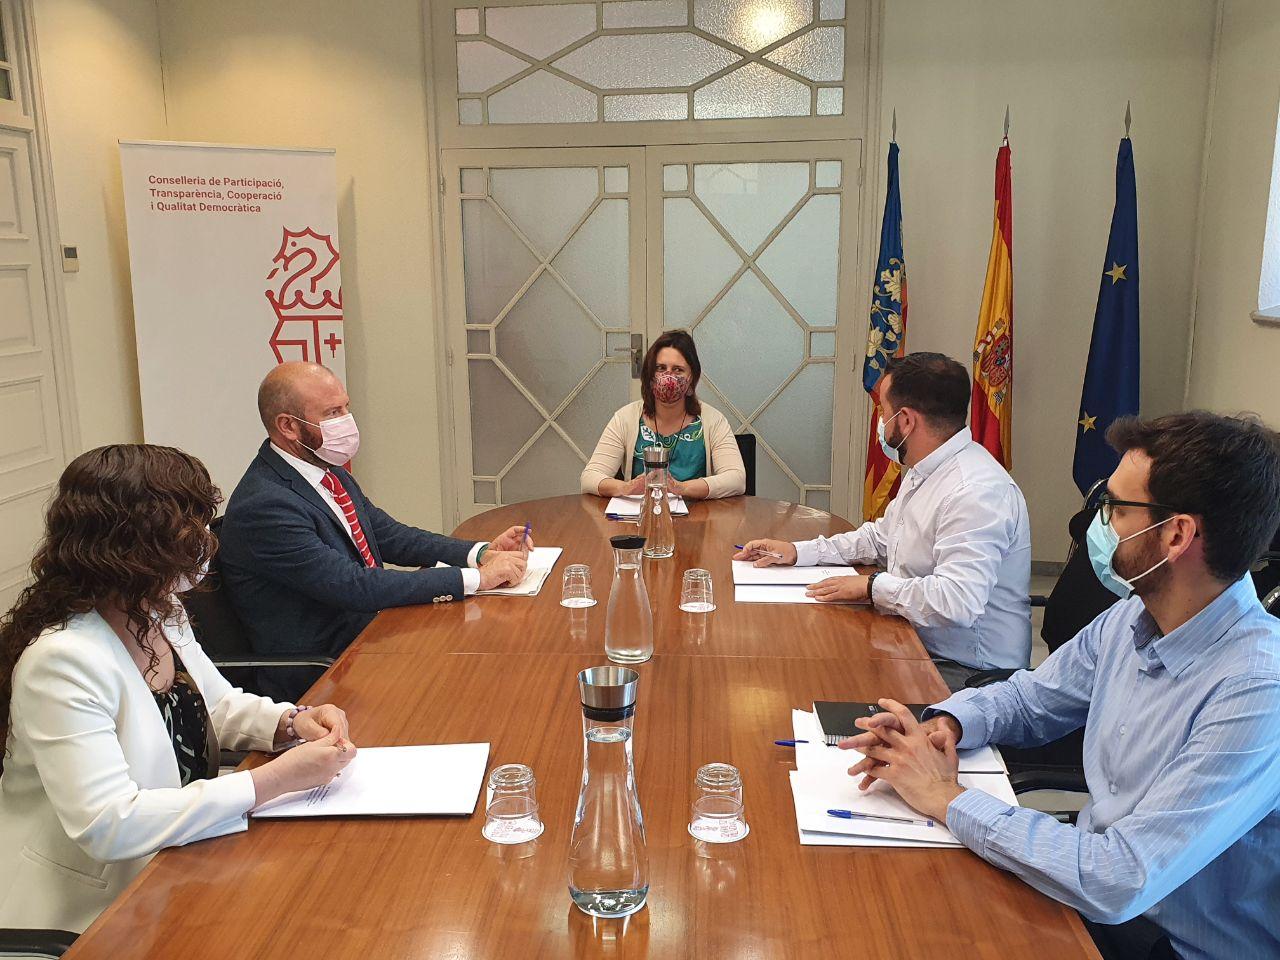 Participació i la Diputació de Valencià acorden coordinar-se en la concessió de subvencions de Transparència i Participació a les entitats locals